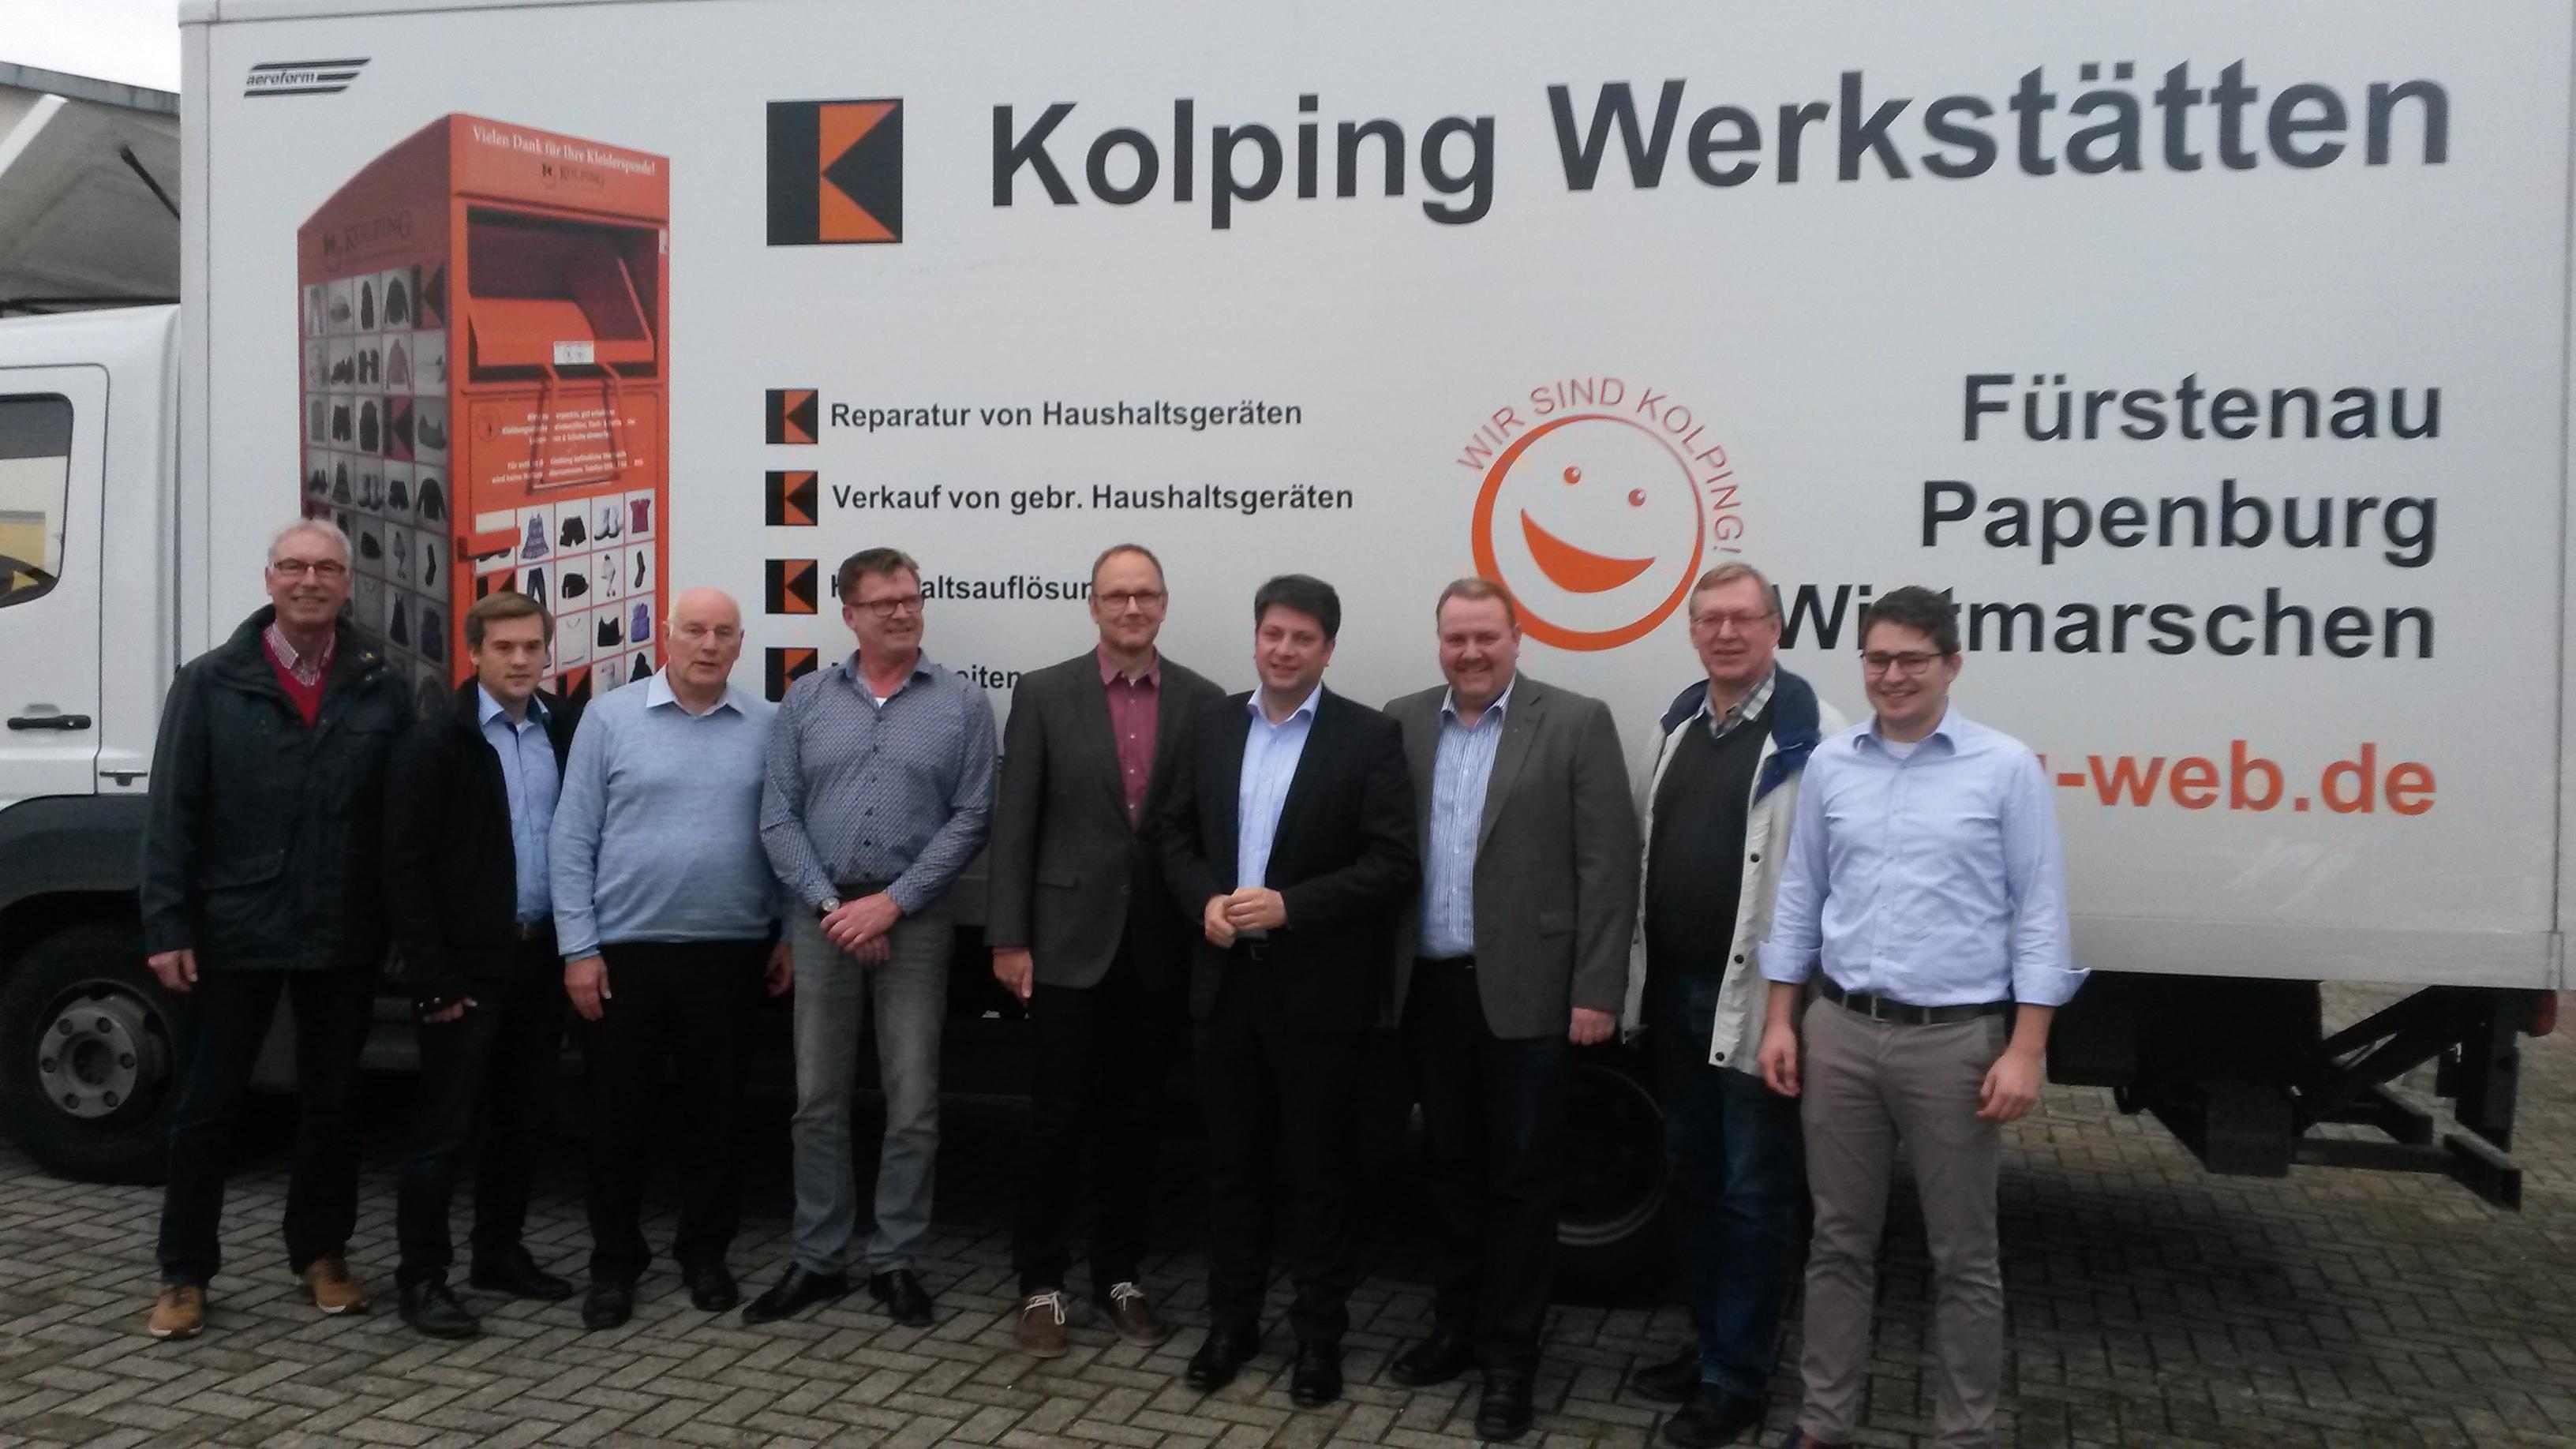 2017: Besuch in der Kolping-Werkstatt Fürstenau! Treu Kolping!